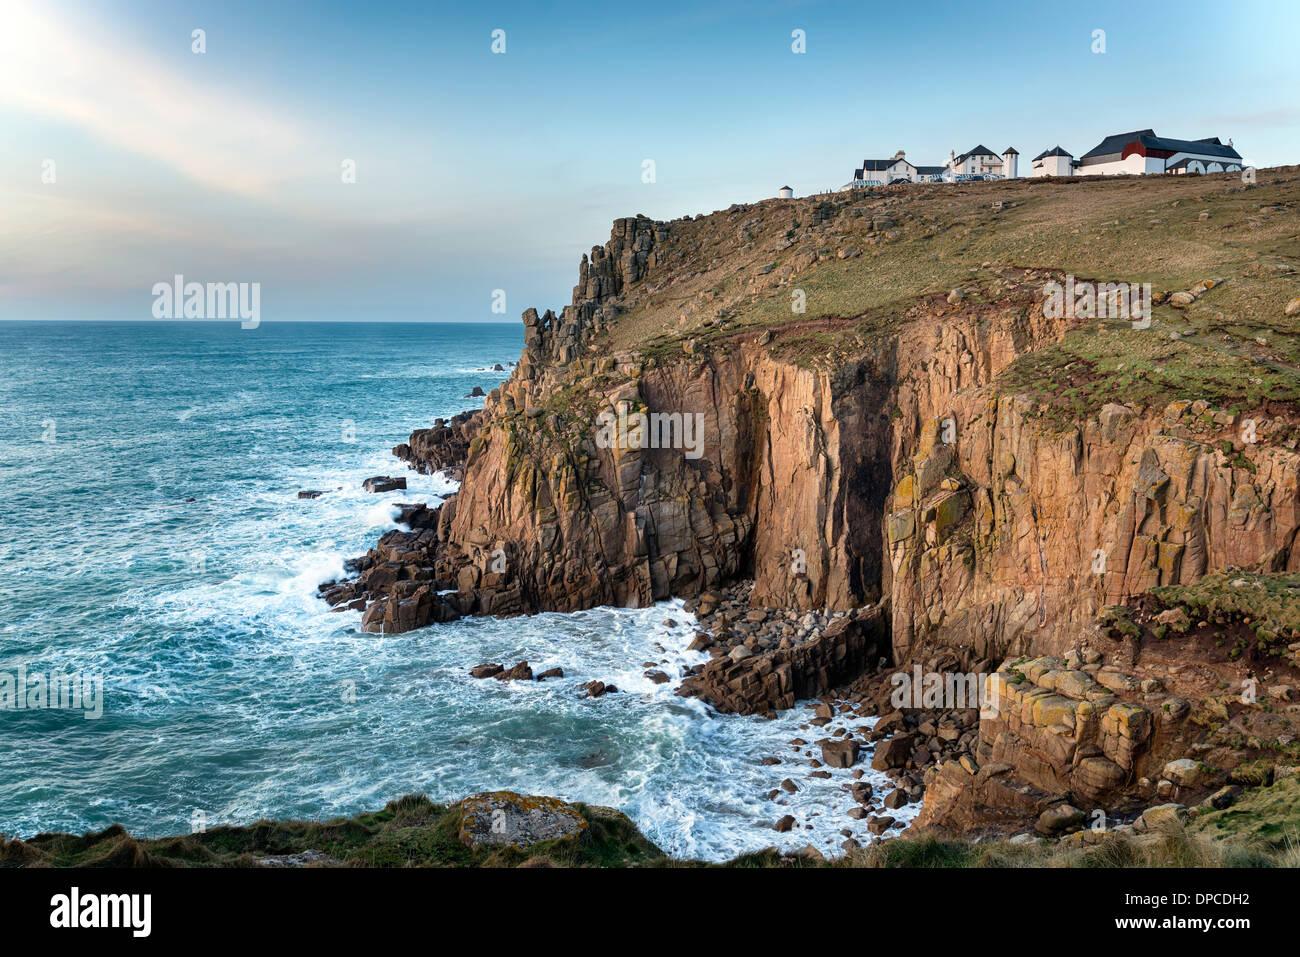 Meer und schroffe Steilküsten an Lands End in Cornwall Stockbild